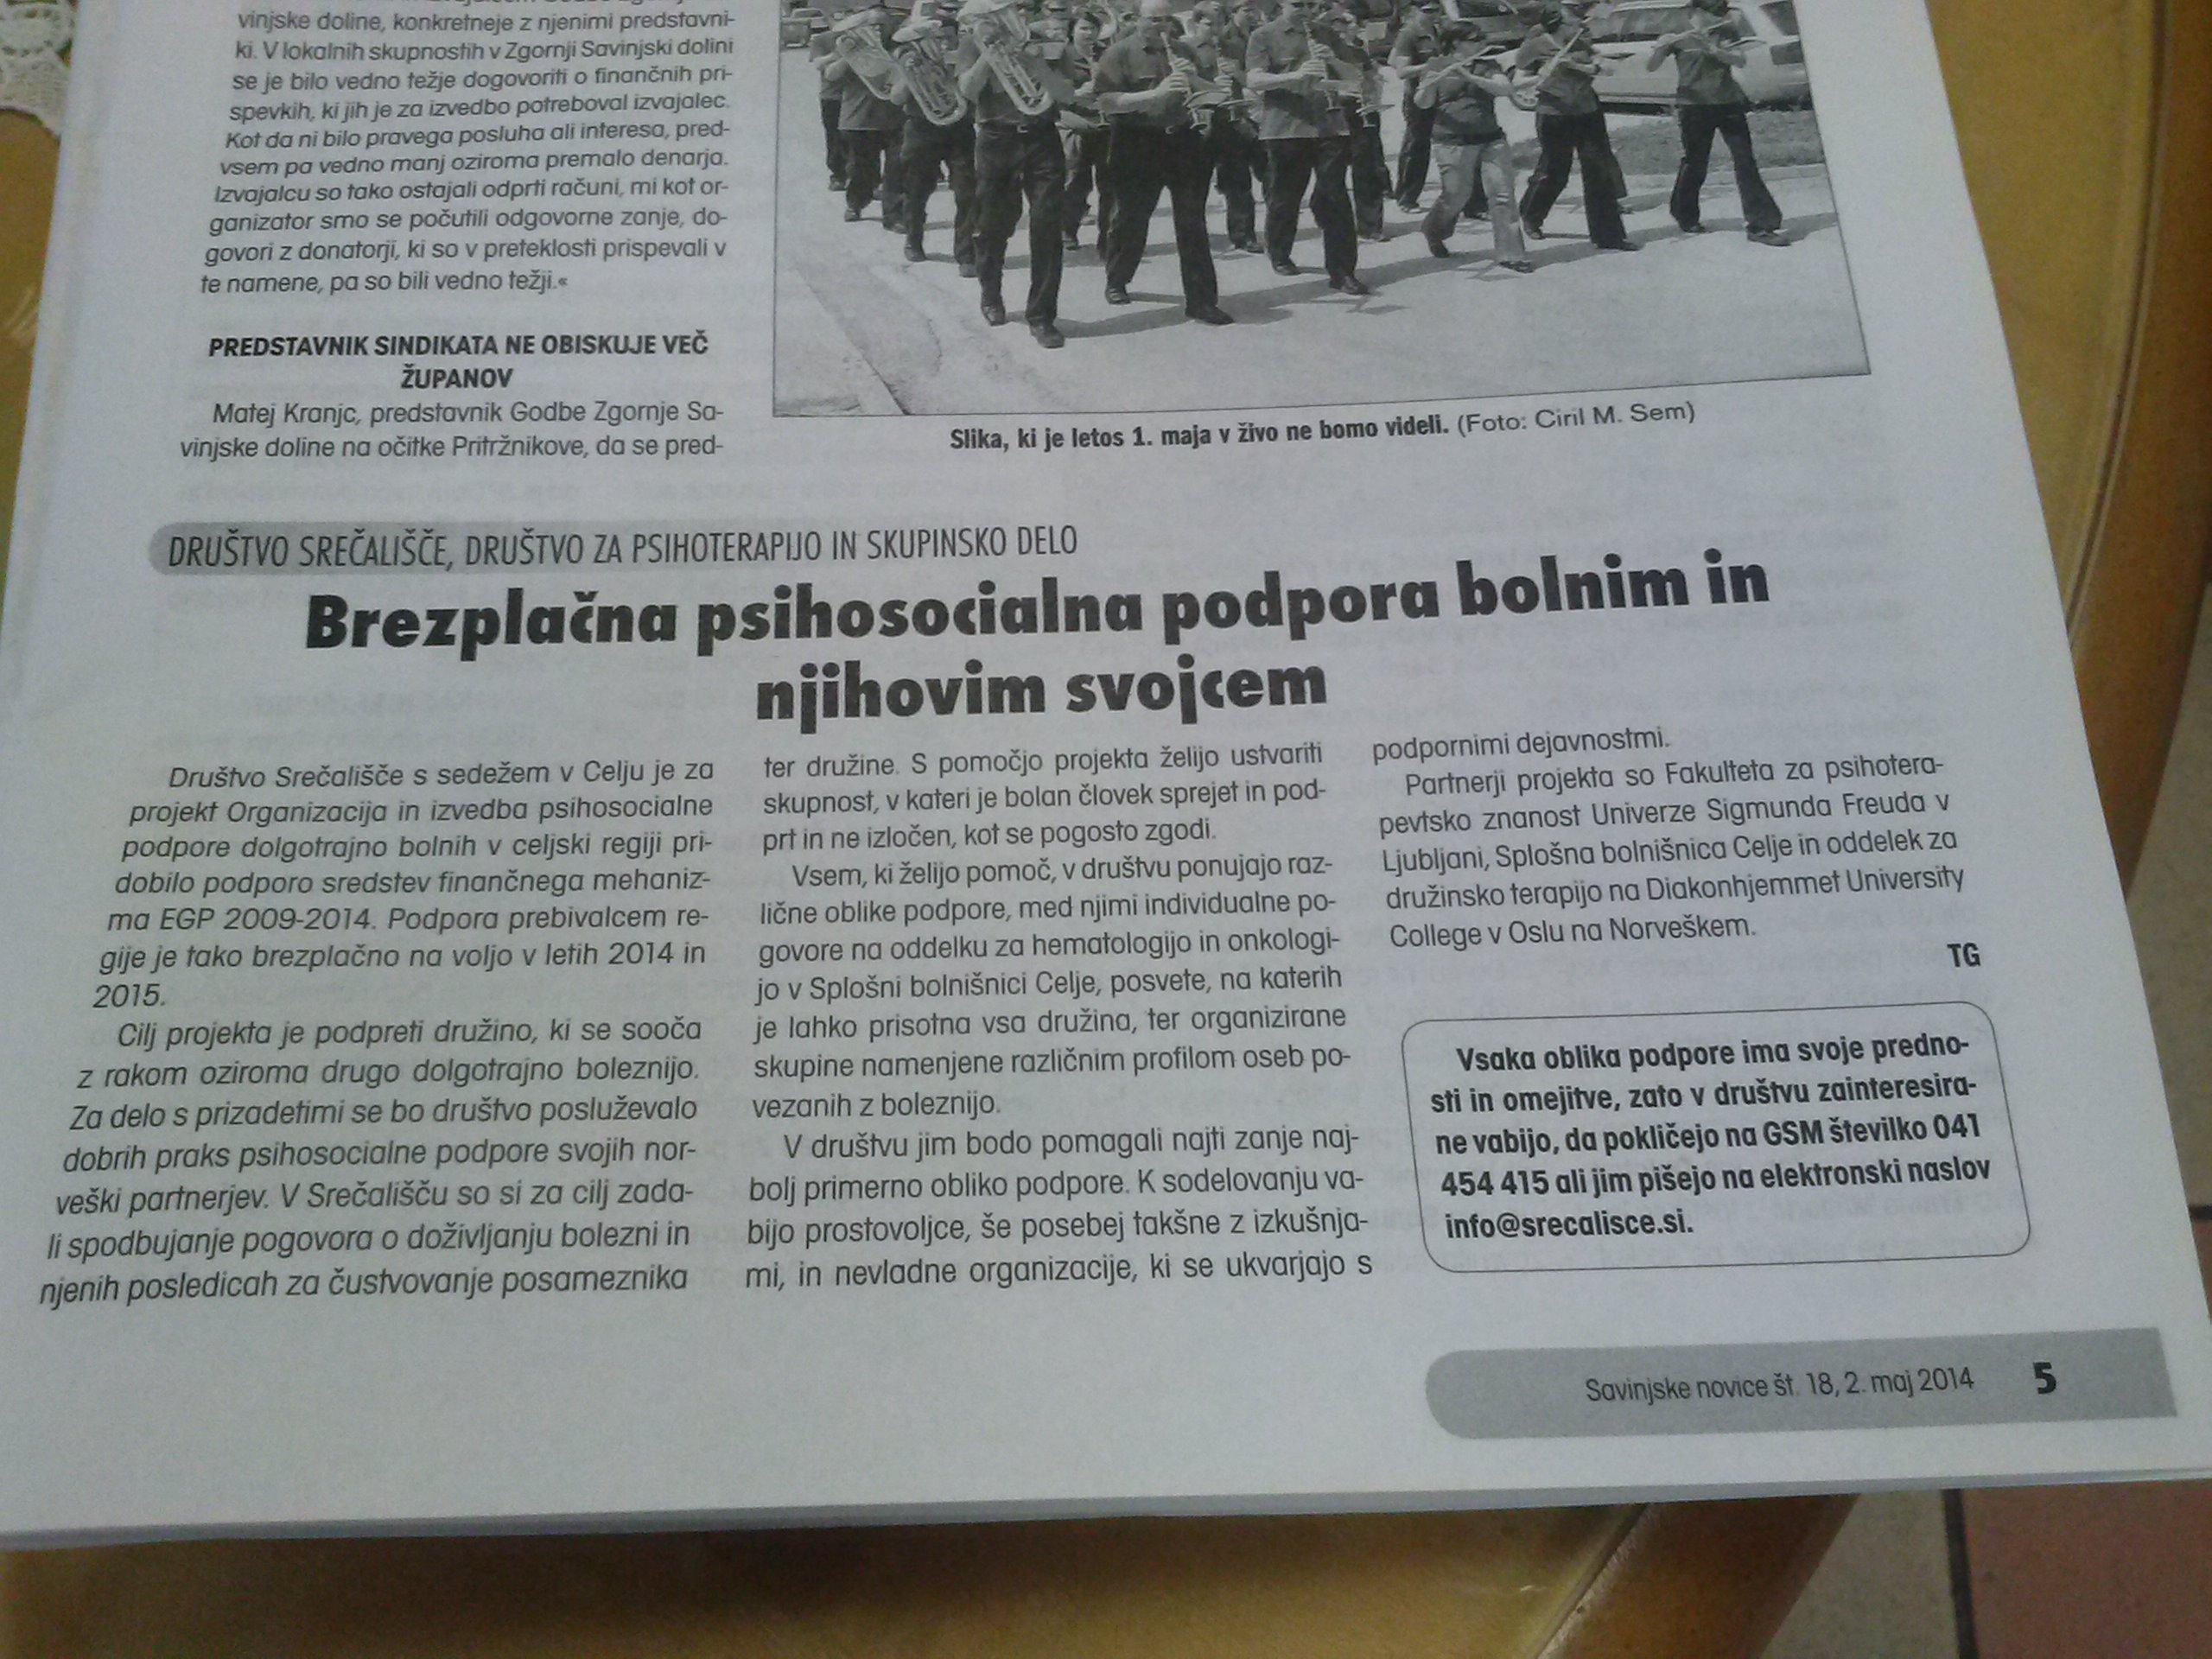 Savinjske novice